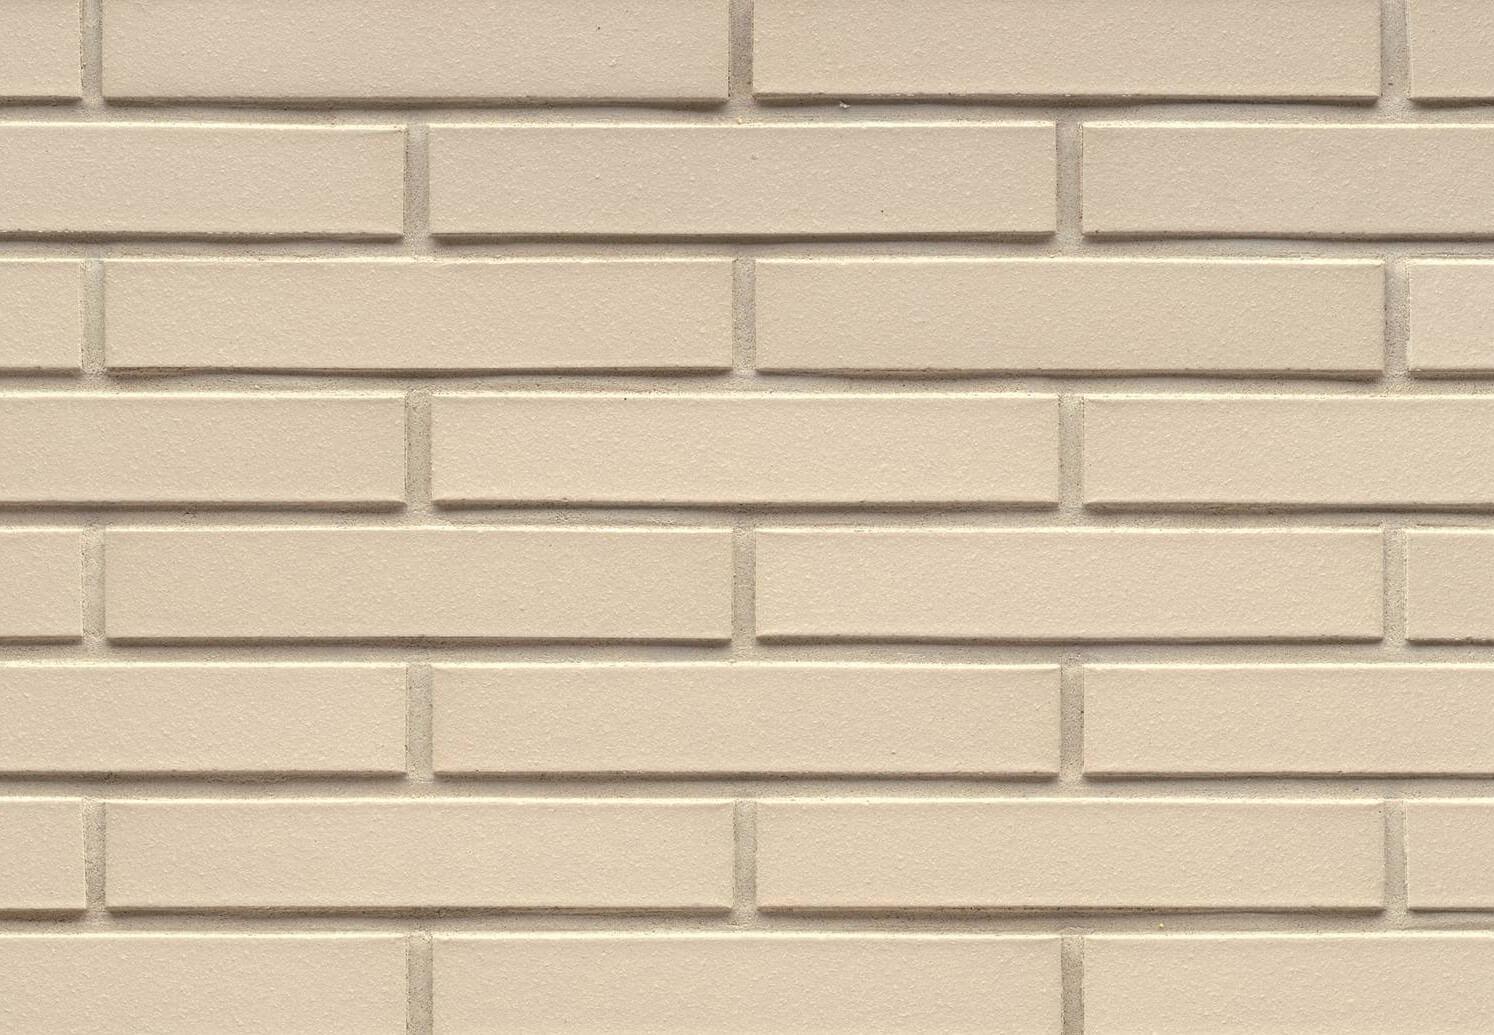 Feldhaus Klinker - R100LDF14, Classic Perla Liso, 290x14x52 - Клинкерная плитка для фасада и внутренней отделки